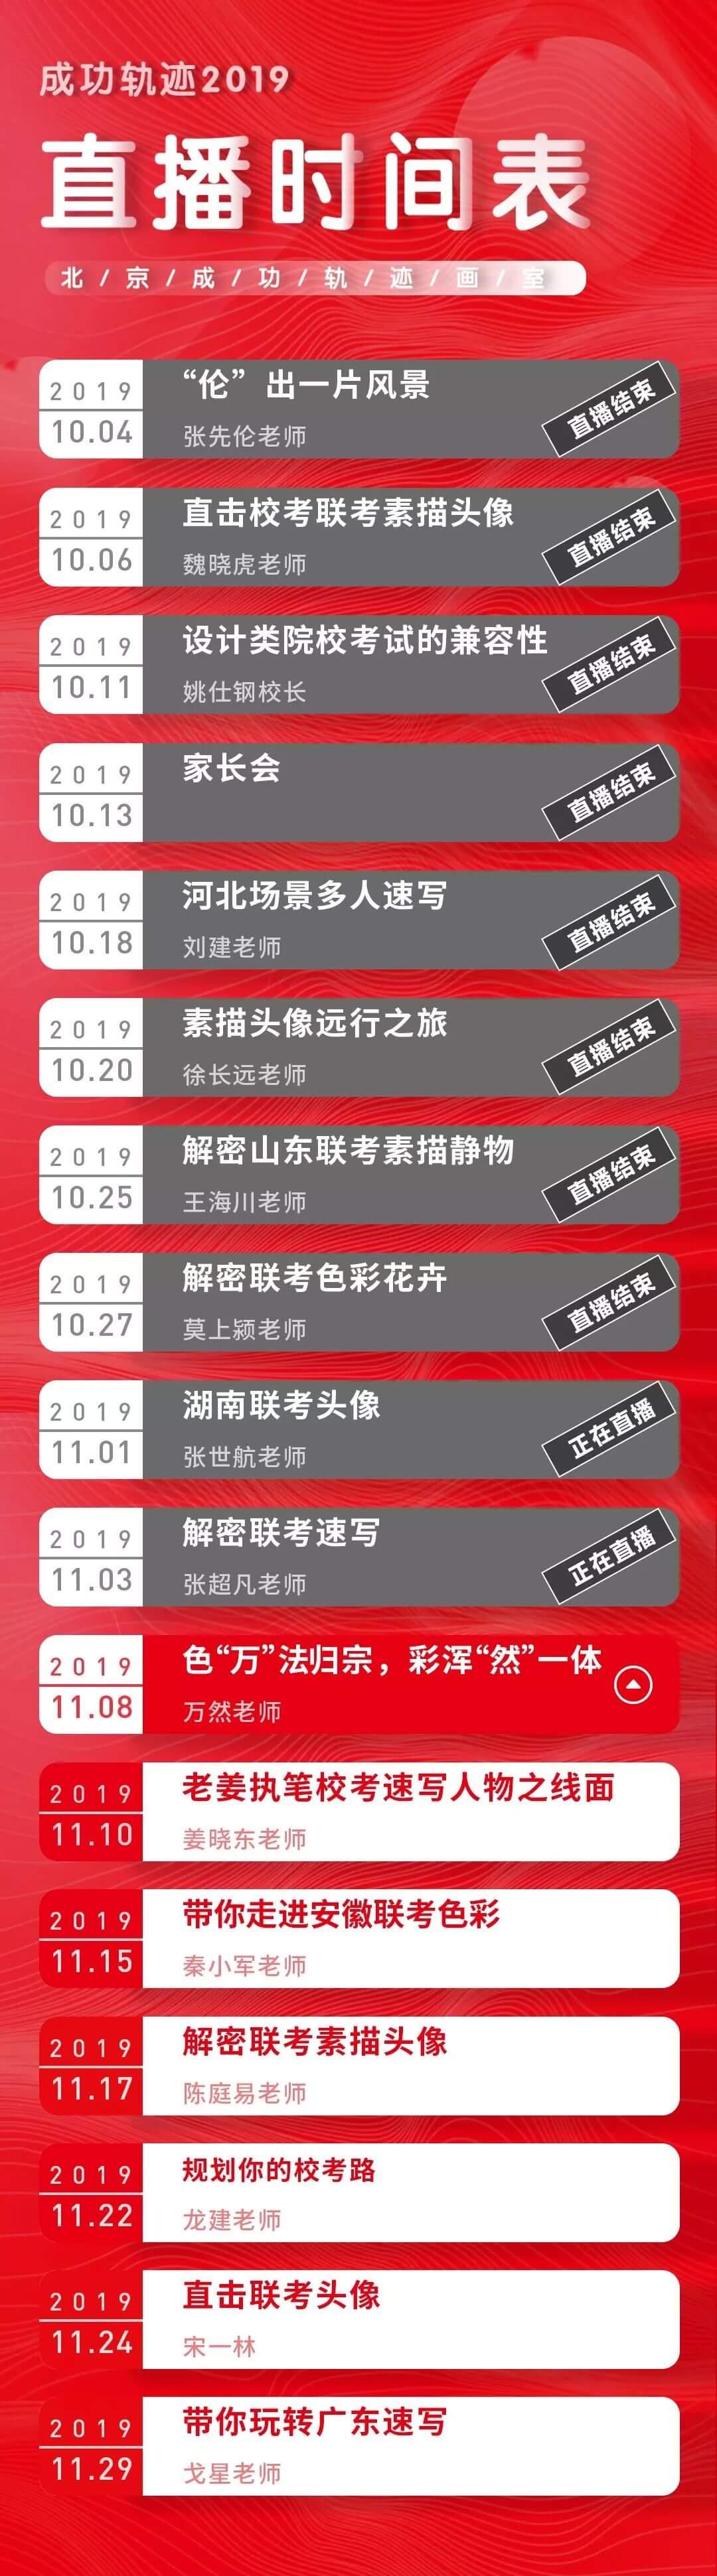 成功轨迹画室直播课堂,北京画室,北京美术培训,美术在线课堂  02